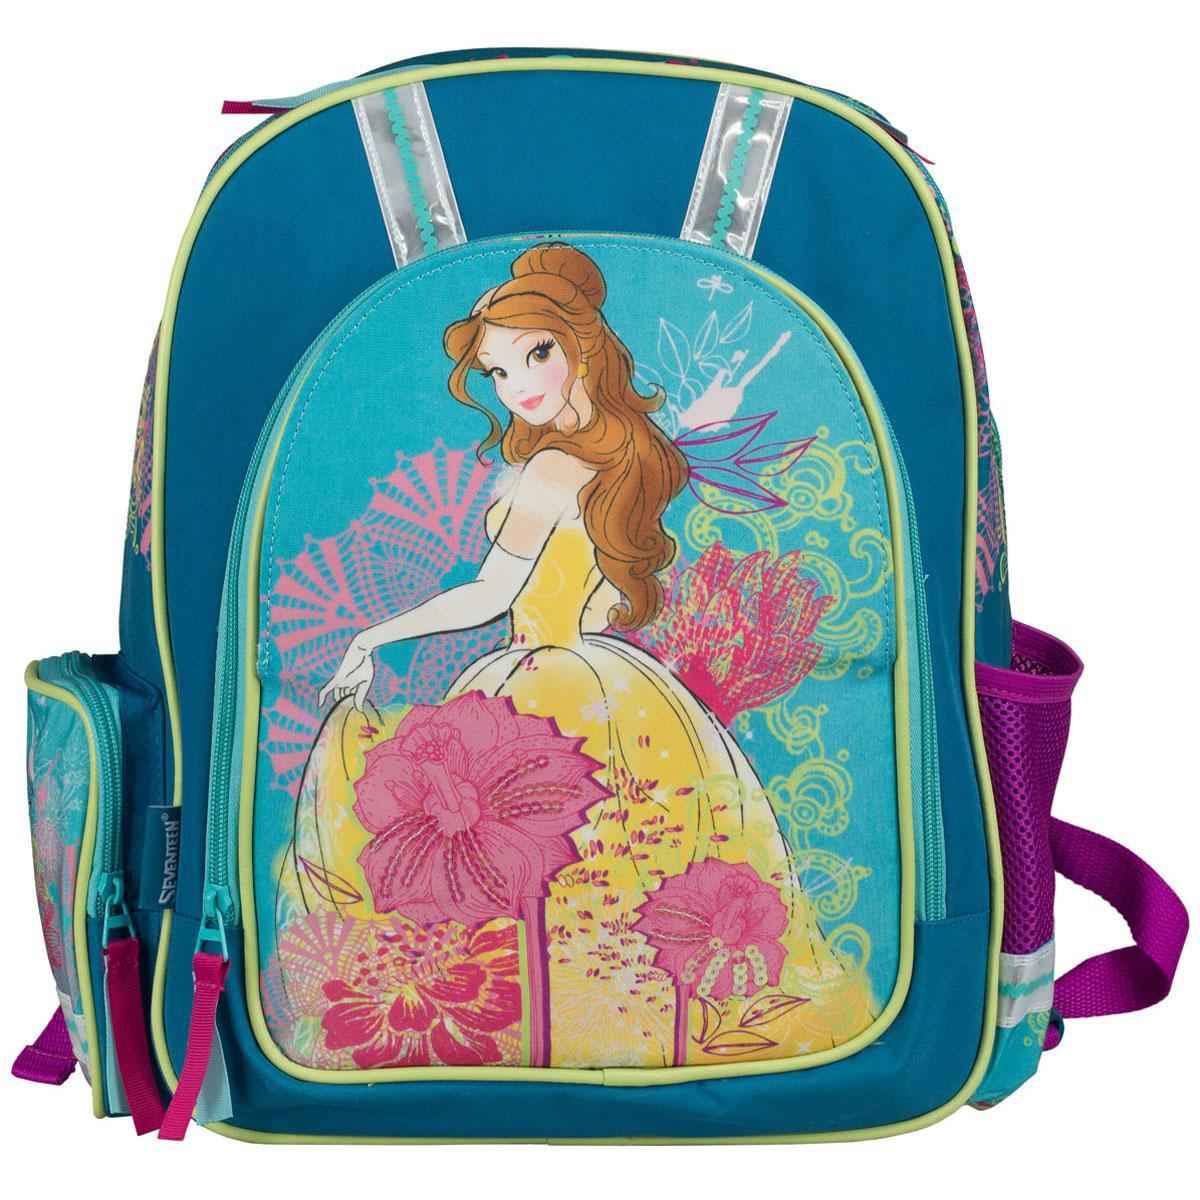 Рюкзак школьный Disney Princess, цвет: сиреневый, бирюзовый. PRCB-RT2-836MPRCB-RT2-836MРюкзак школьный Disney Princess обязательно понравится вашей школьнице. Выполнен из прочных и высококачественных материалов, дополнен изображением прекрасной принцессы. Содержит одно вместительное отделение, закрывающееся на застежку-молнию. Внутри отделения находятся две перегородки для тетрадей или учебников, а также открытый карман-сетка. Лицевая сторона оснащена накладным карманом на молнии. Перекидная магнитная панель на лицевой стороне позволяет менять дизайн рюкзака. По бокам расположены два накладных кармана: на застежке-молнии и открытый, стянутый сверху резинкой. Специально разработанная архитектура спинки со стабилизирующими набивными элементами повторяет естественный изгиб позвоночника. Набивные элементы обеспечивают вентиляцию спины ребенка. Плечевые лямки анатомической формы равномерно распределяют нагрузку на плечевую и воротниковую зоны. Конструкция пряжки лямок позволяет отрегулировать рюкзак по фигуре. Рюкзак оснащен эргономичной ручкой для...